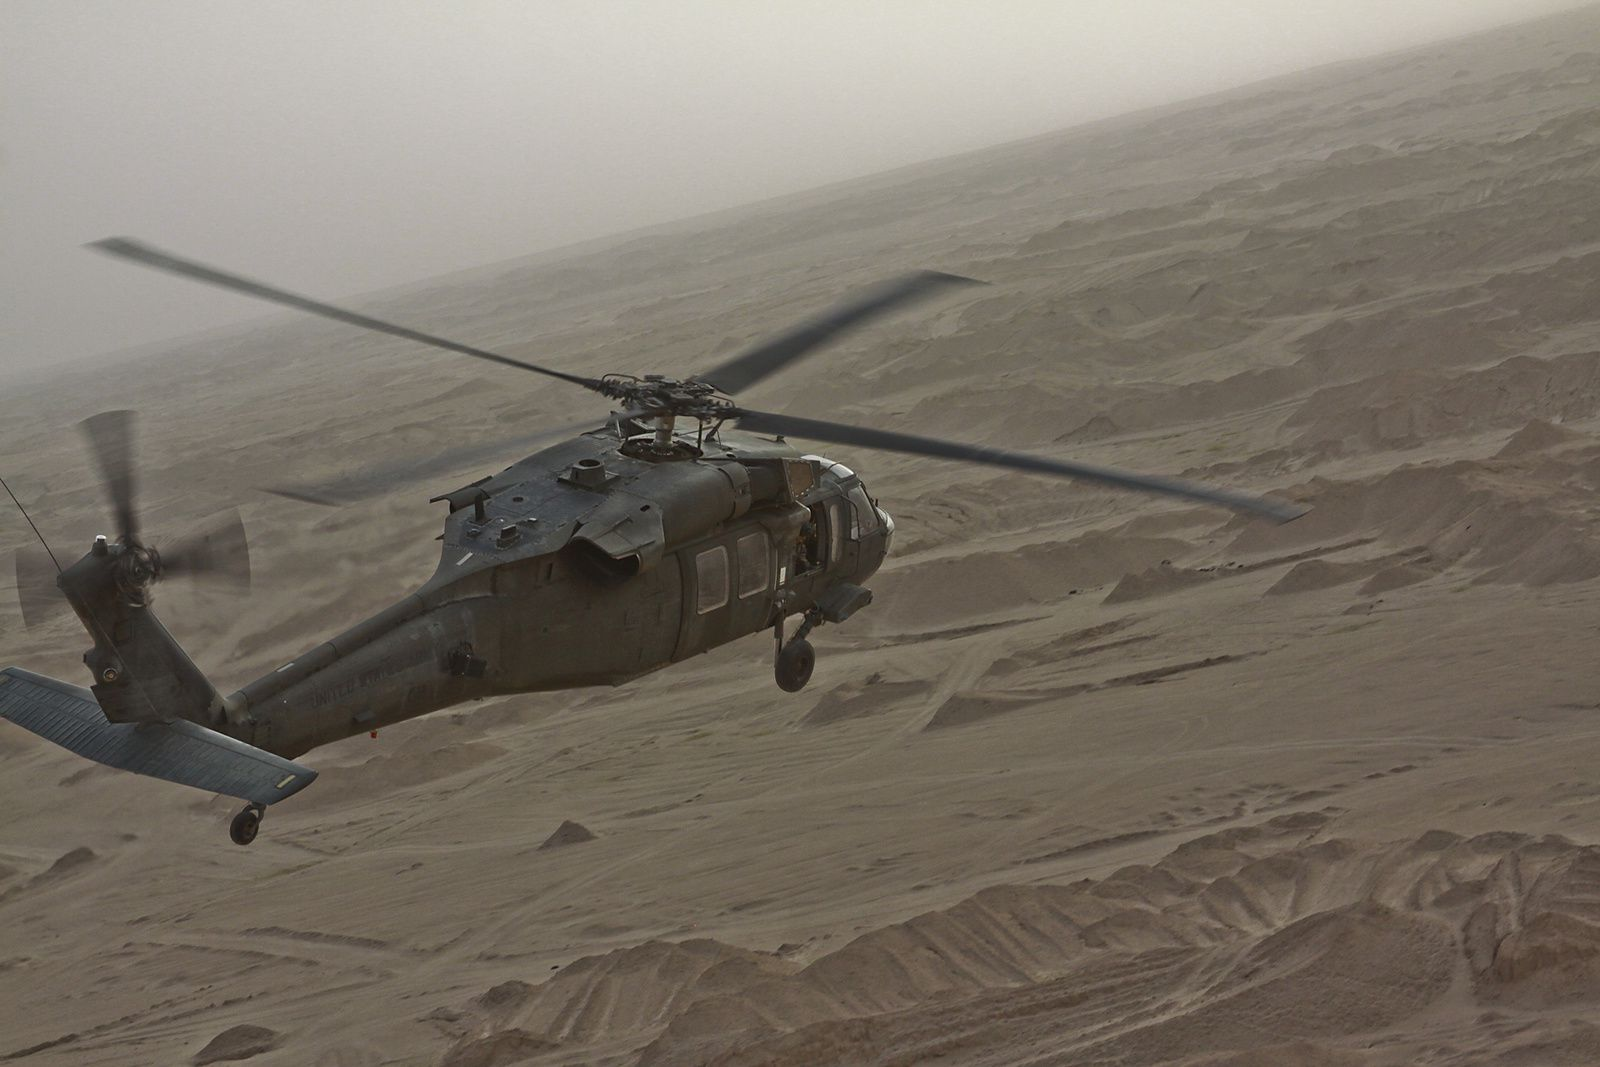 Un hélicoptère UH-60 Black Hawk s'est écrasé lors d'un entraînement